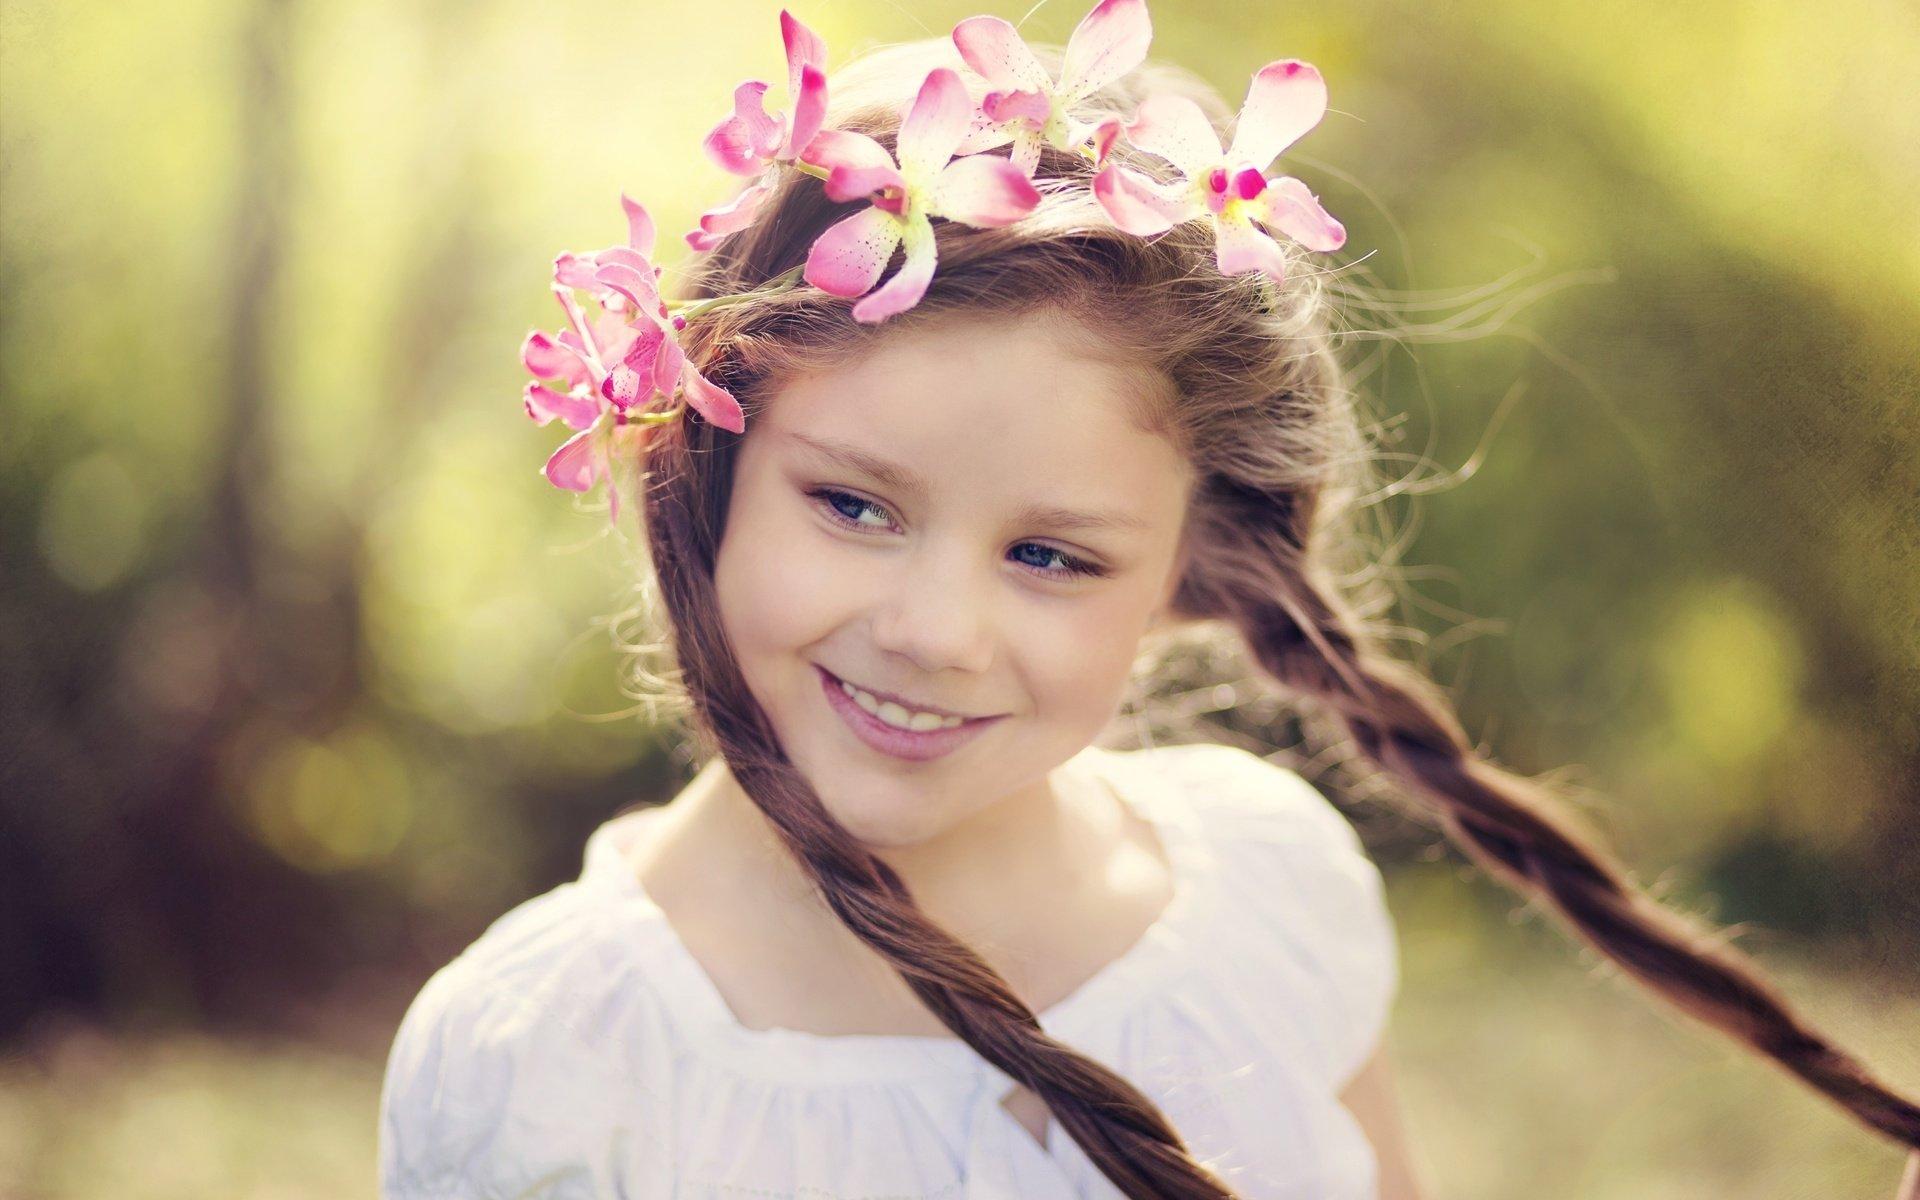 Воспитанная девочка – очарование скромности